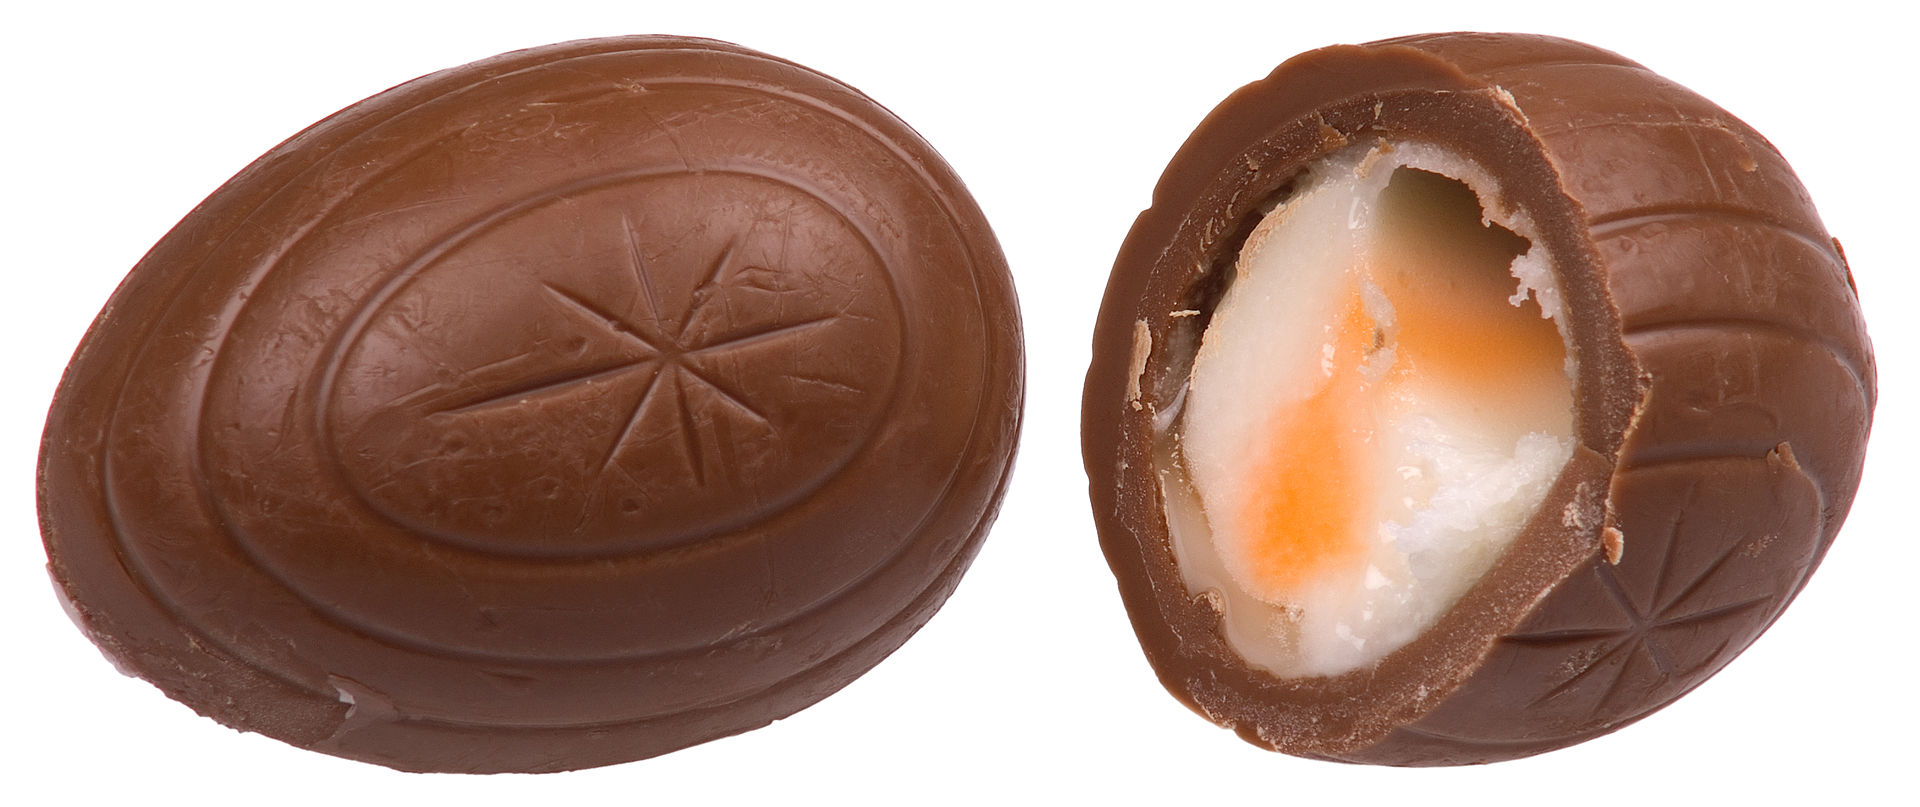 inside an easter egg